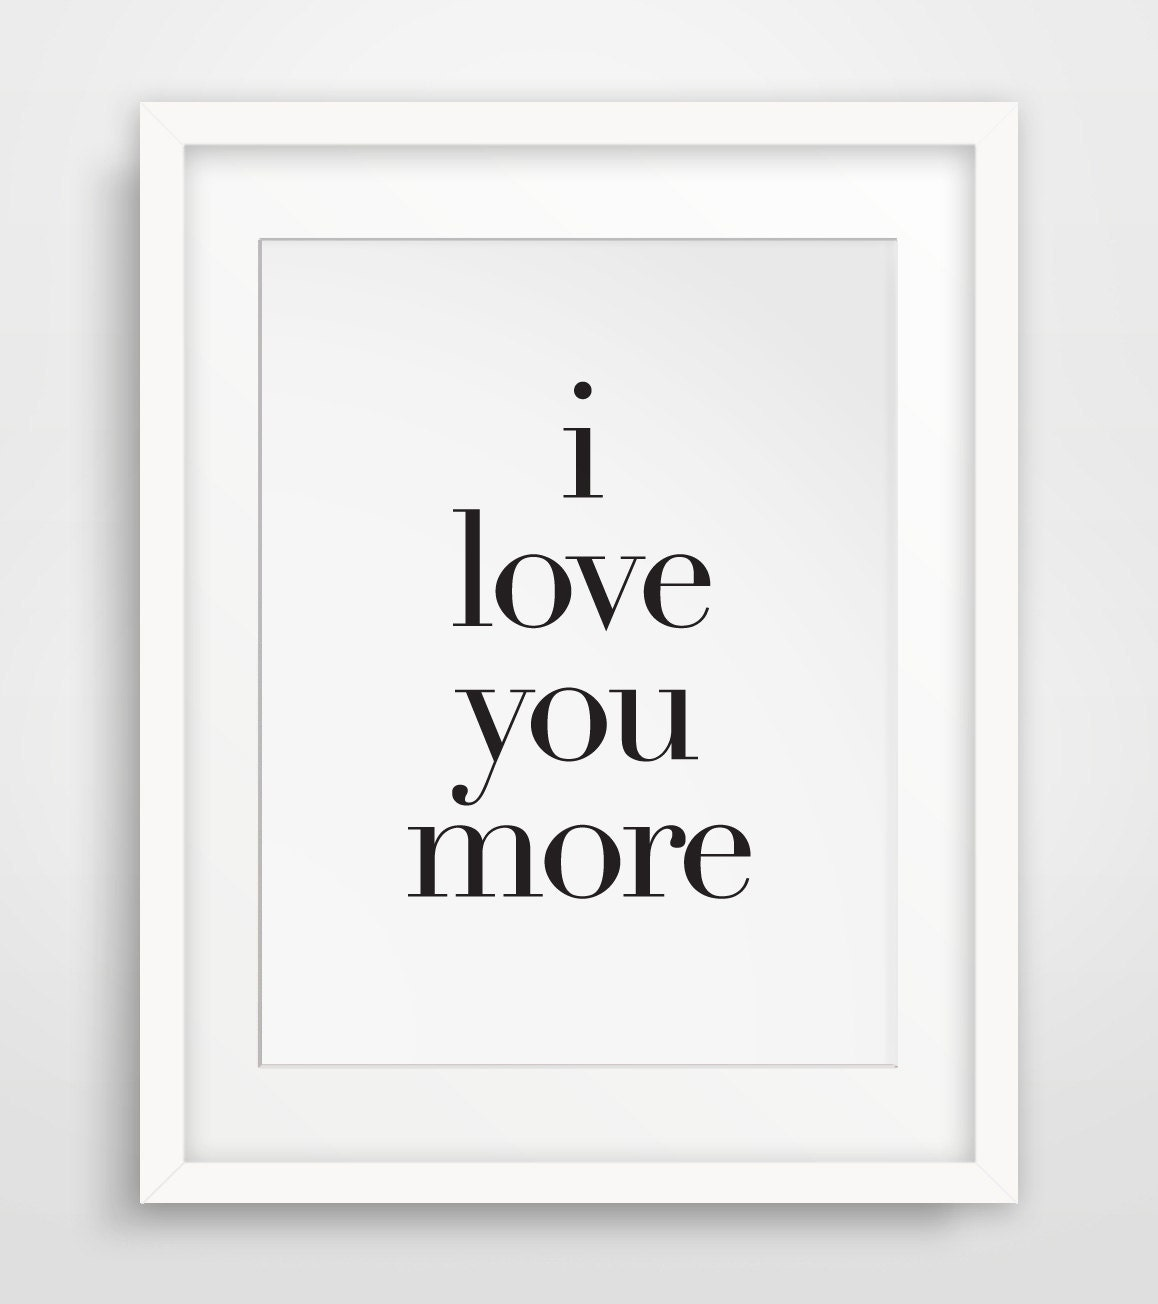 Wall Art Love You More : I love you more art wall